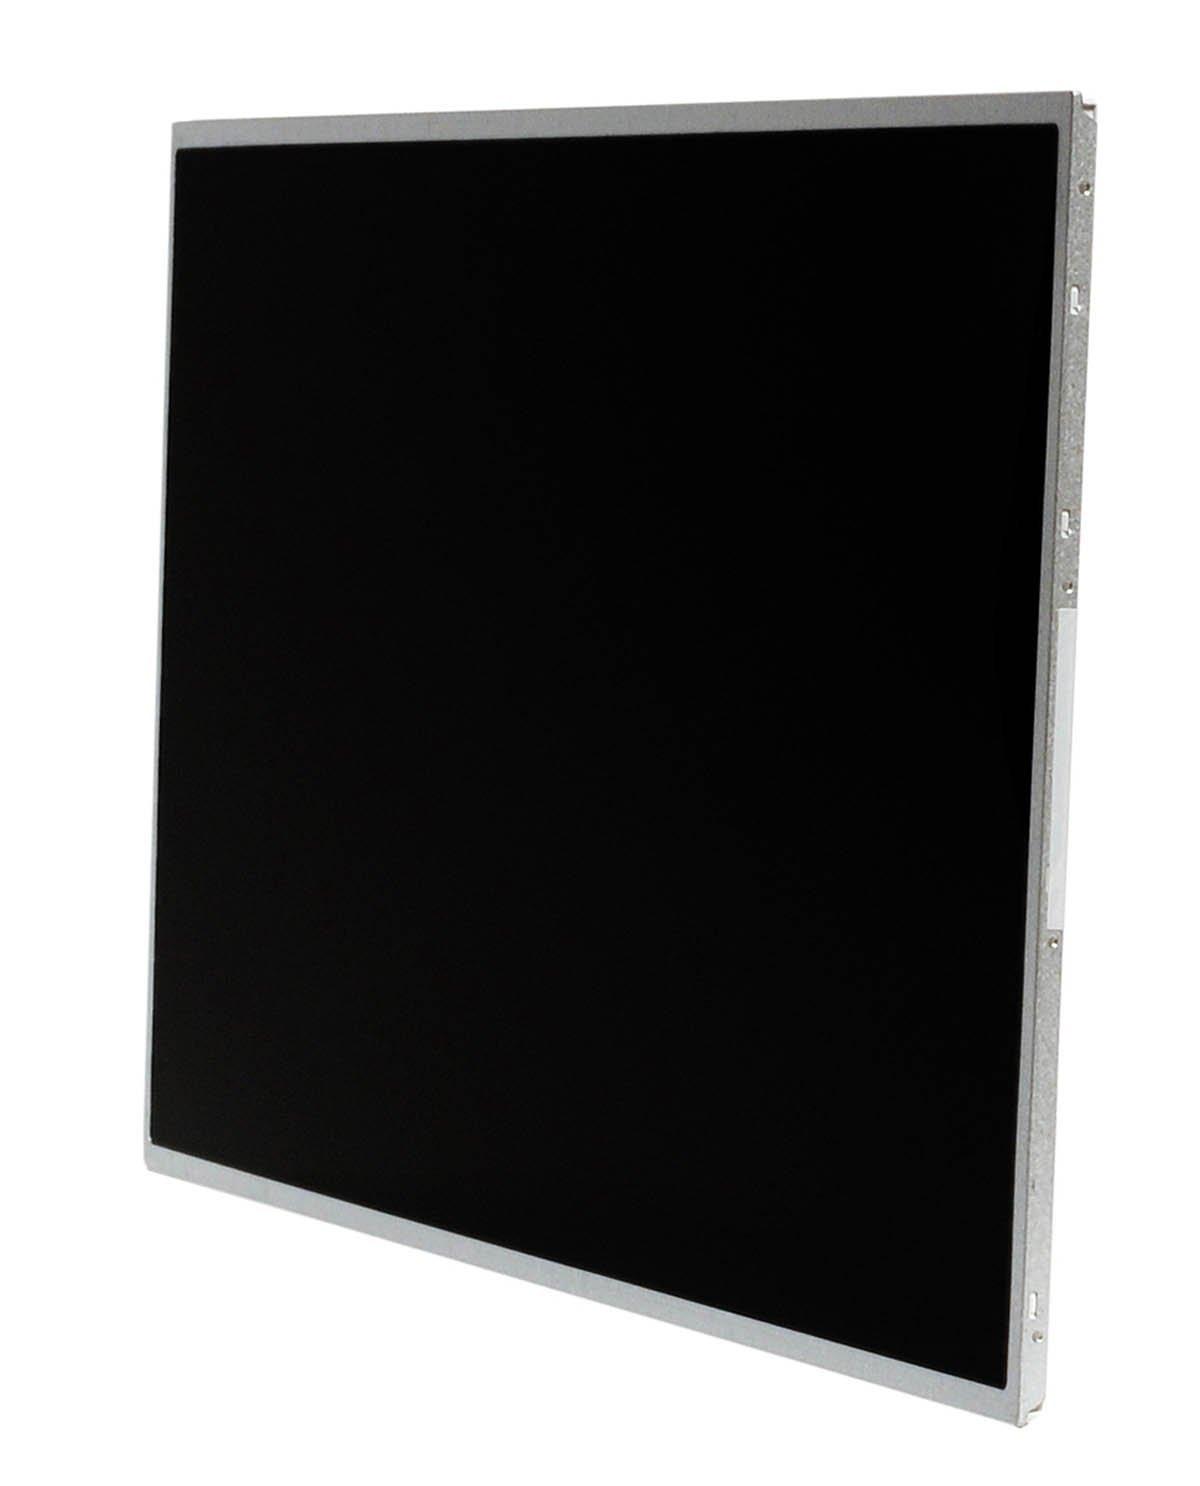 LAPTOP LCD SCREEN FOR ASUS 18G241560204 15.6 WXGA HD